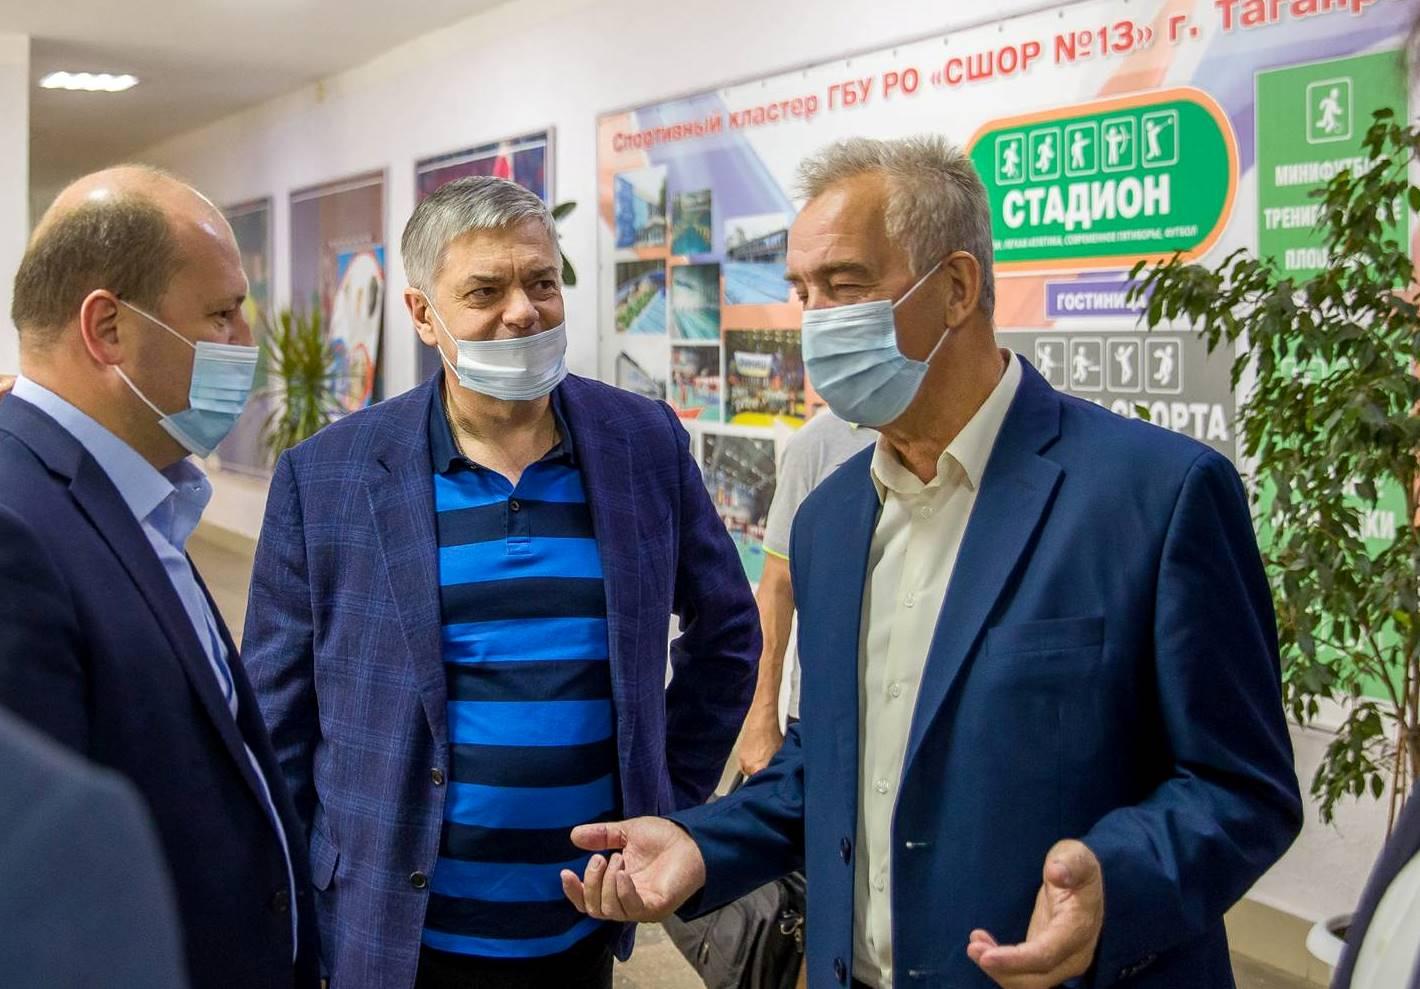 Таганрог посетил  президент Федерации гандбола России